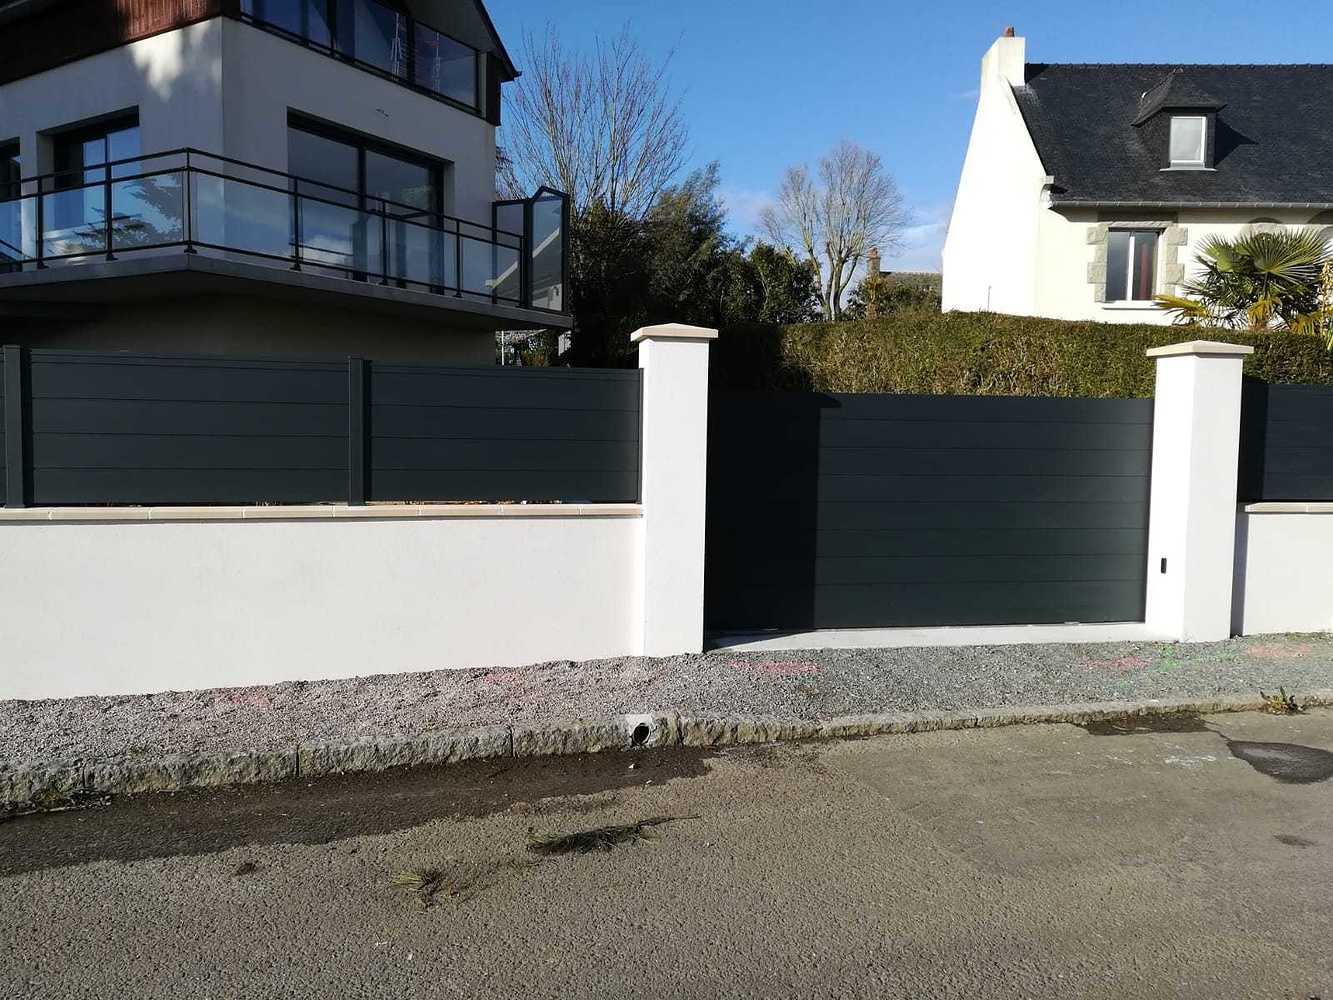 Portail et clôture - Cancale (35) img-20190906-wa0017